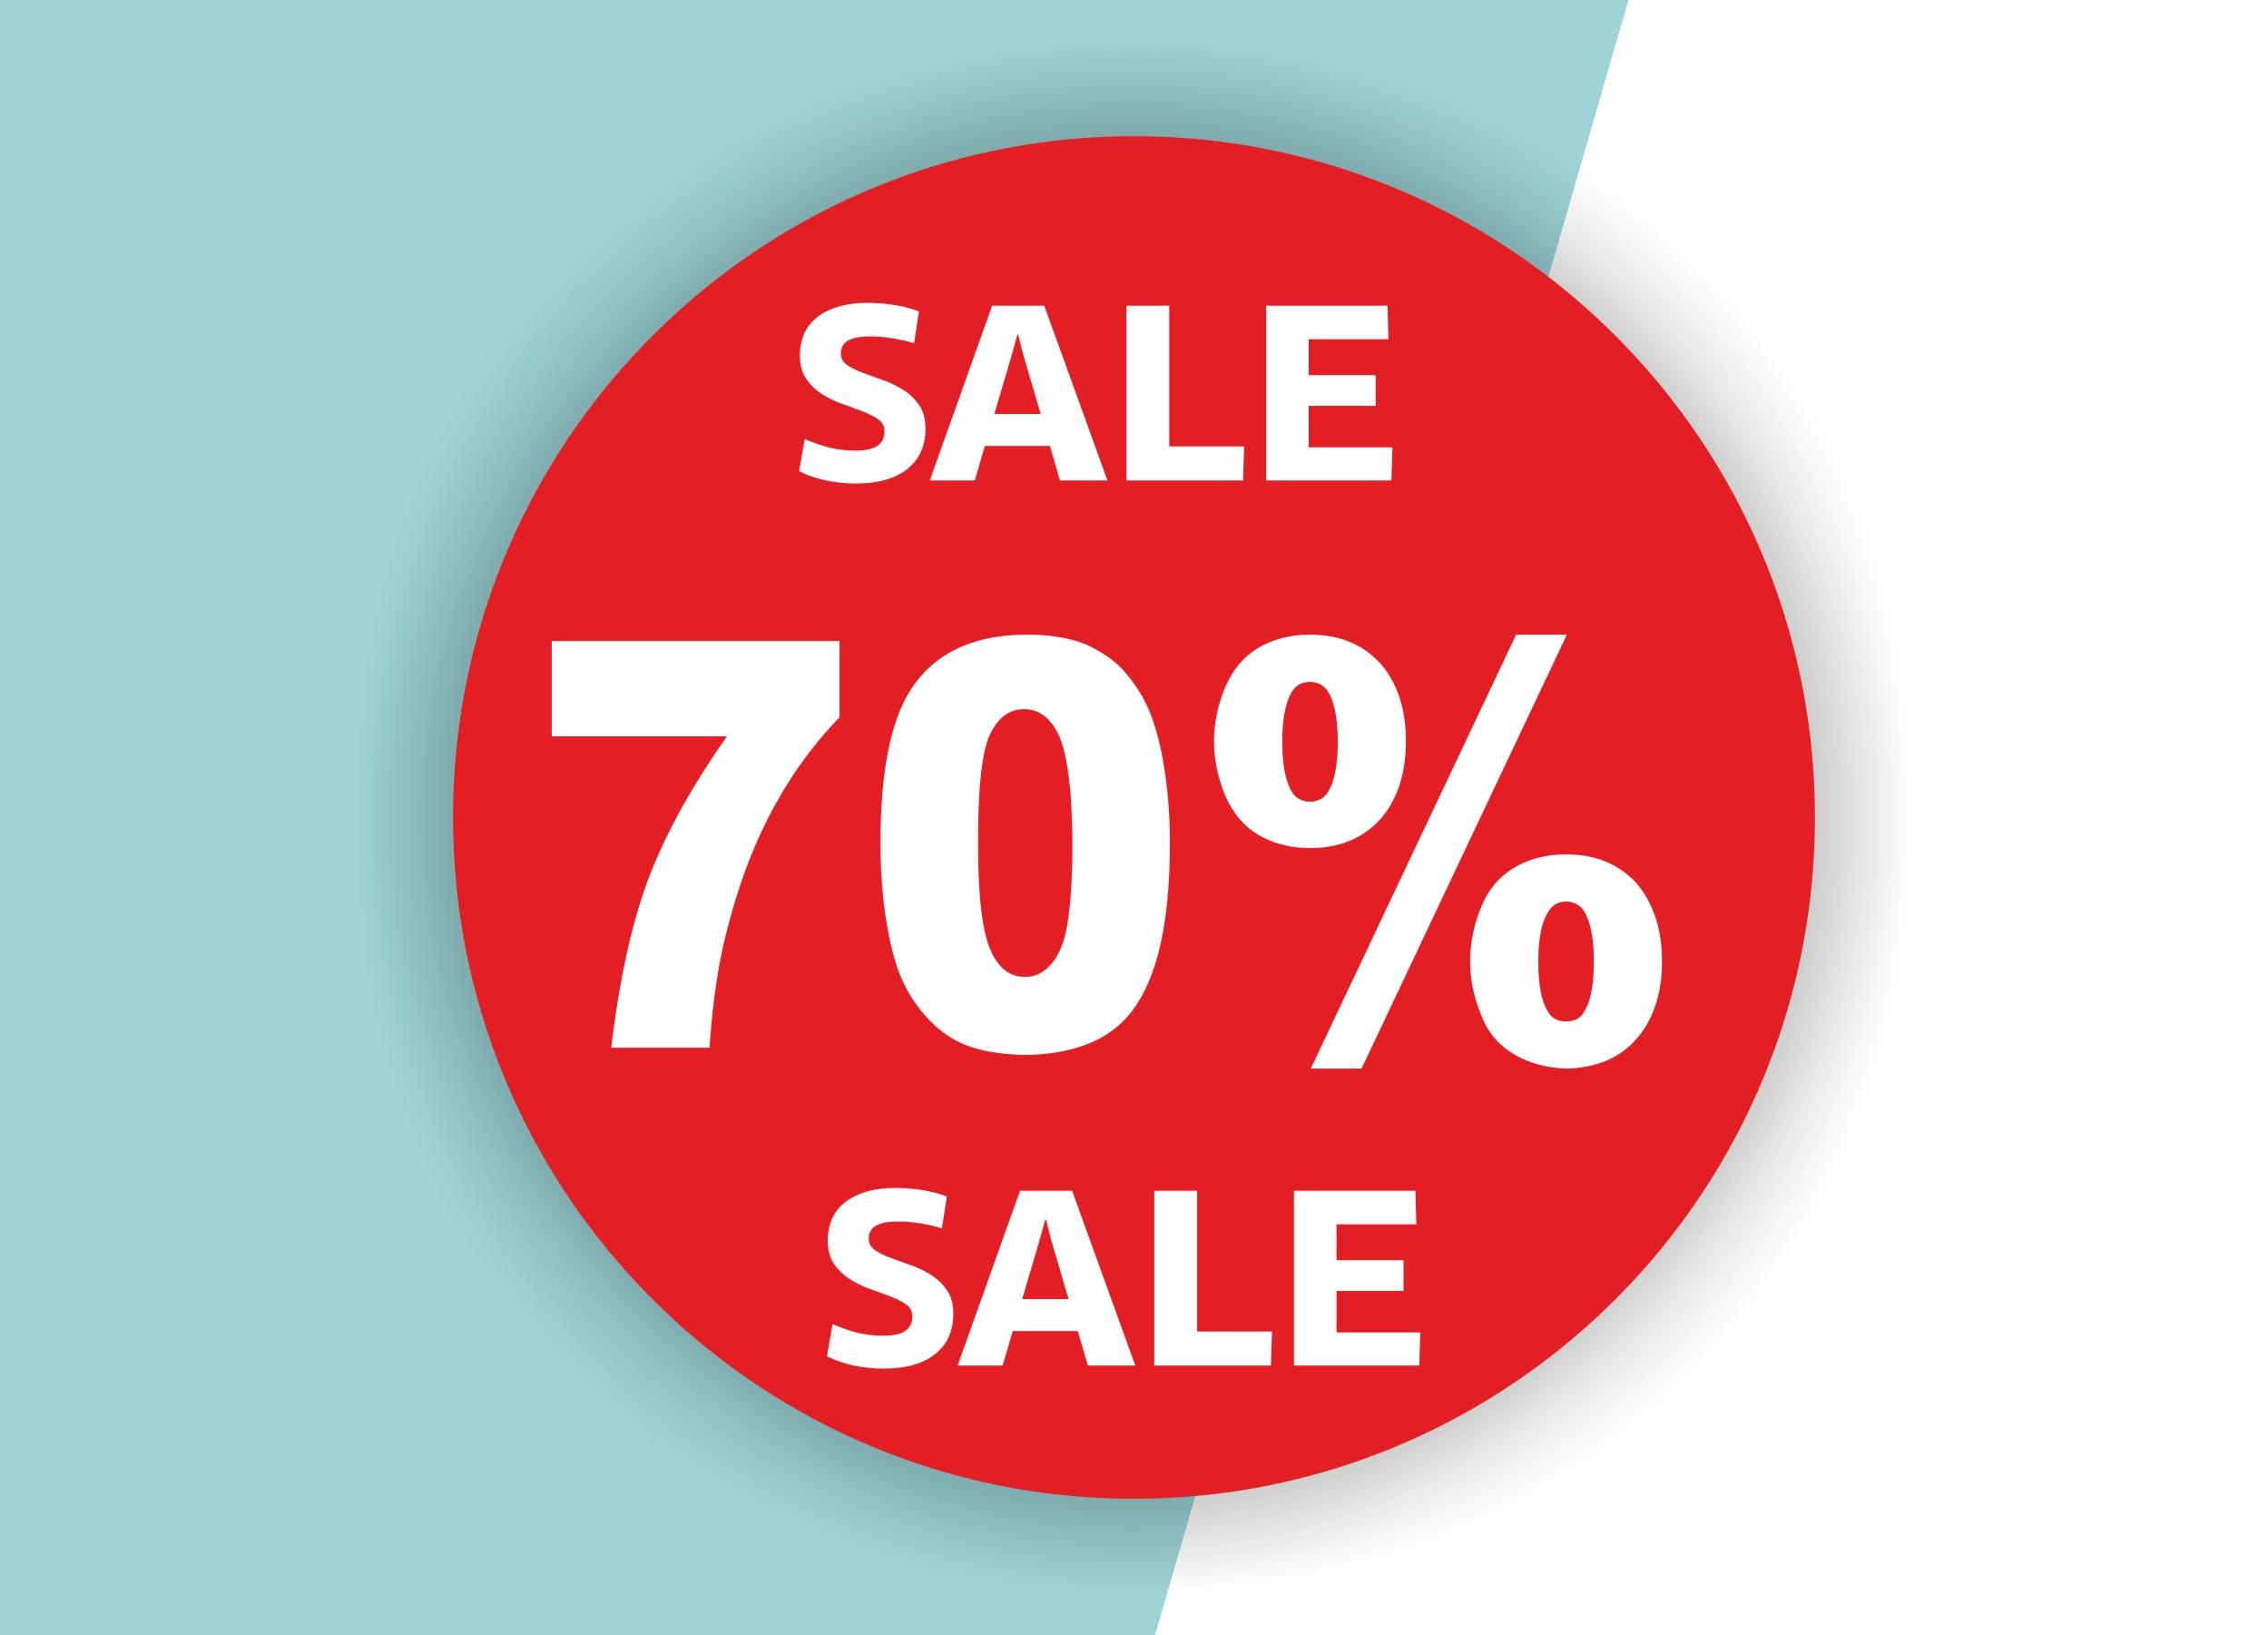 70% SALE Aufkleber Schaufenster Rabatt Ausverkauf Schlussverkauf SSV WSV % — Farbe: Rot